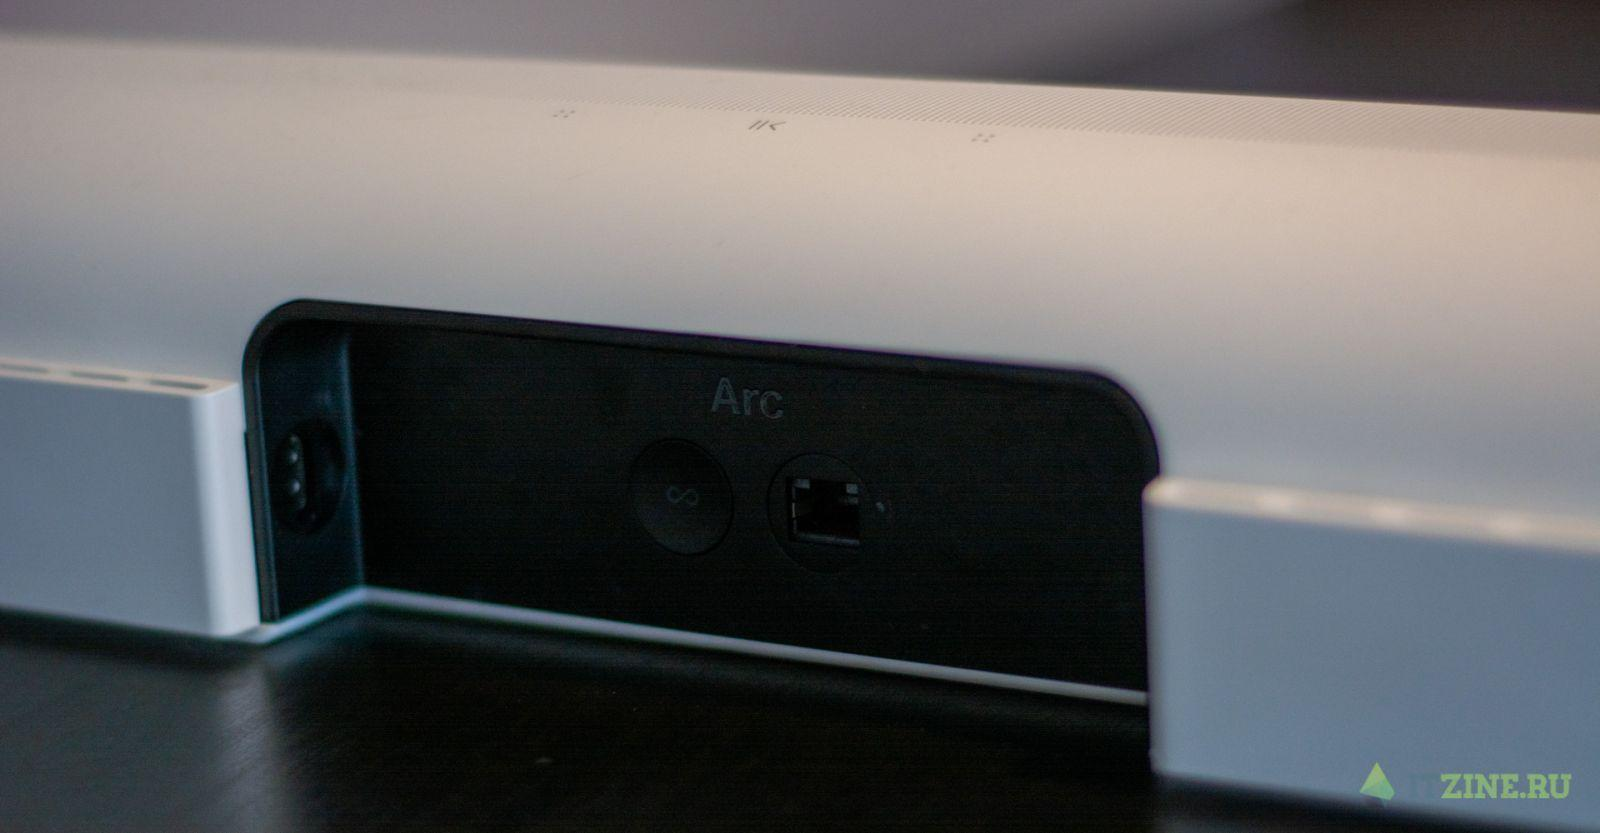 Первый взгляд: Sonos Arc и Sonos Move (DSC 9405)